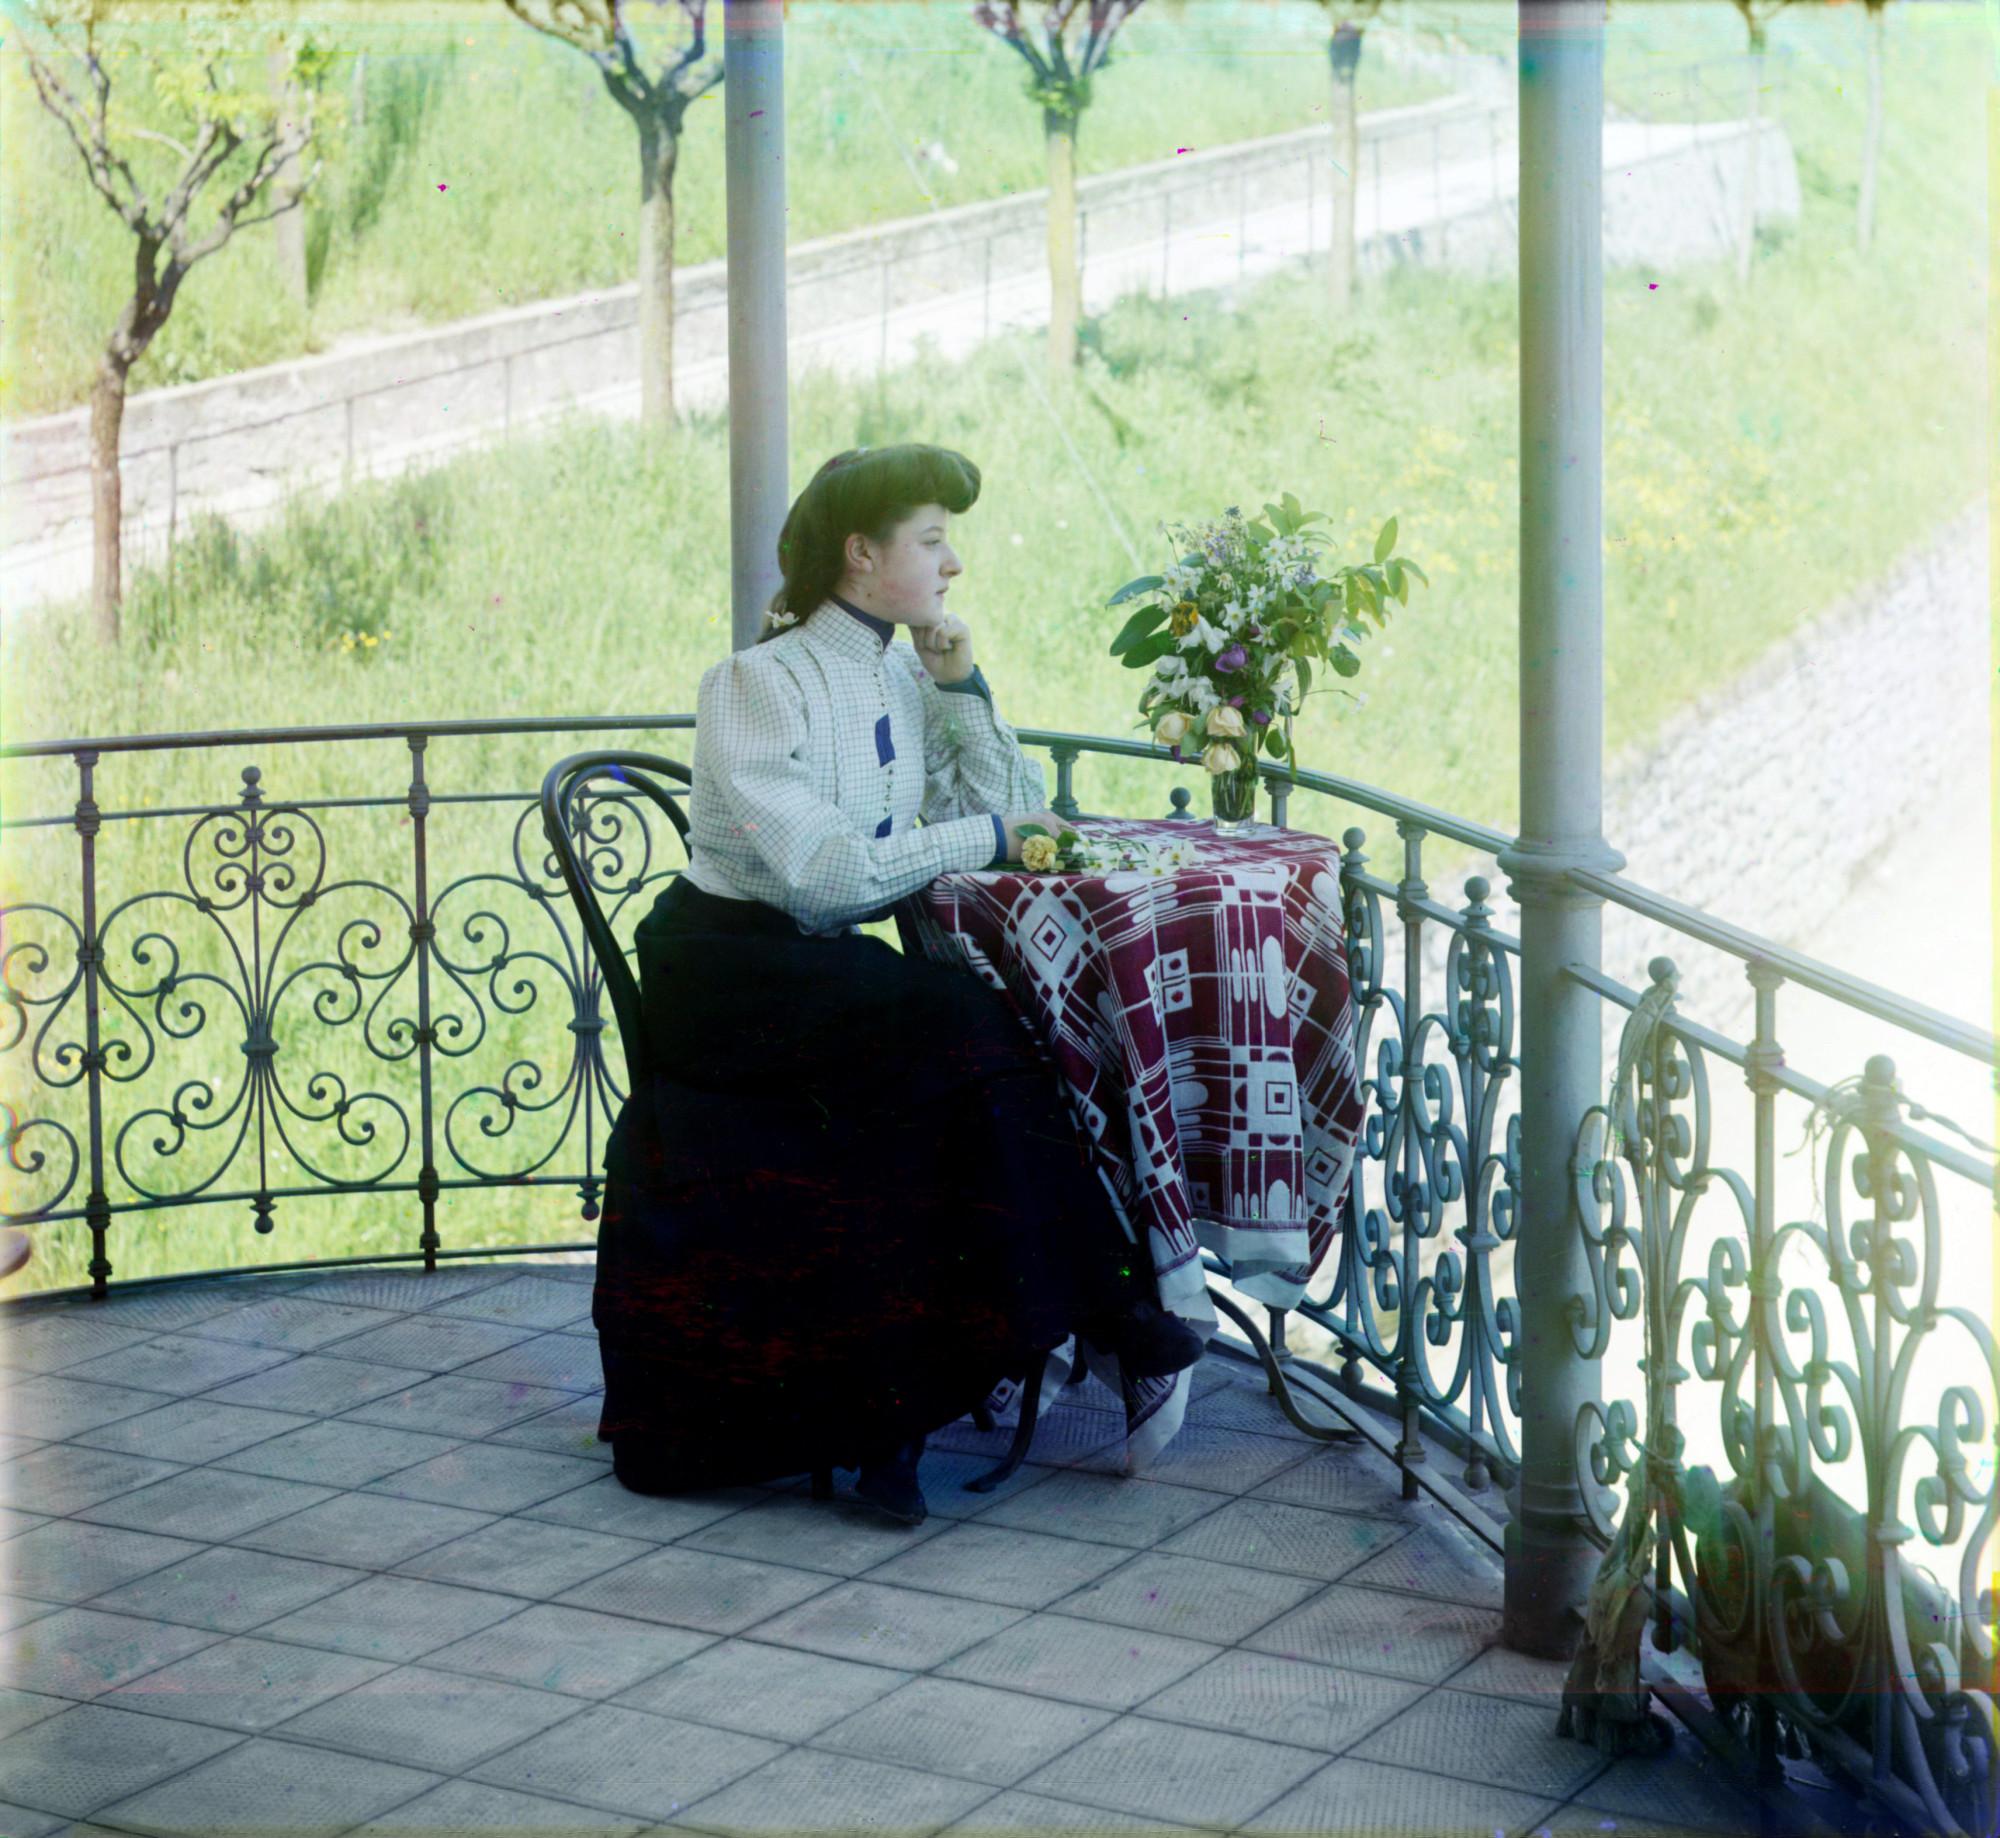 Лугано. Этюд. Прокудин-Горский, 1908 г.